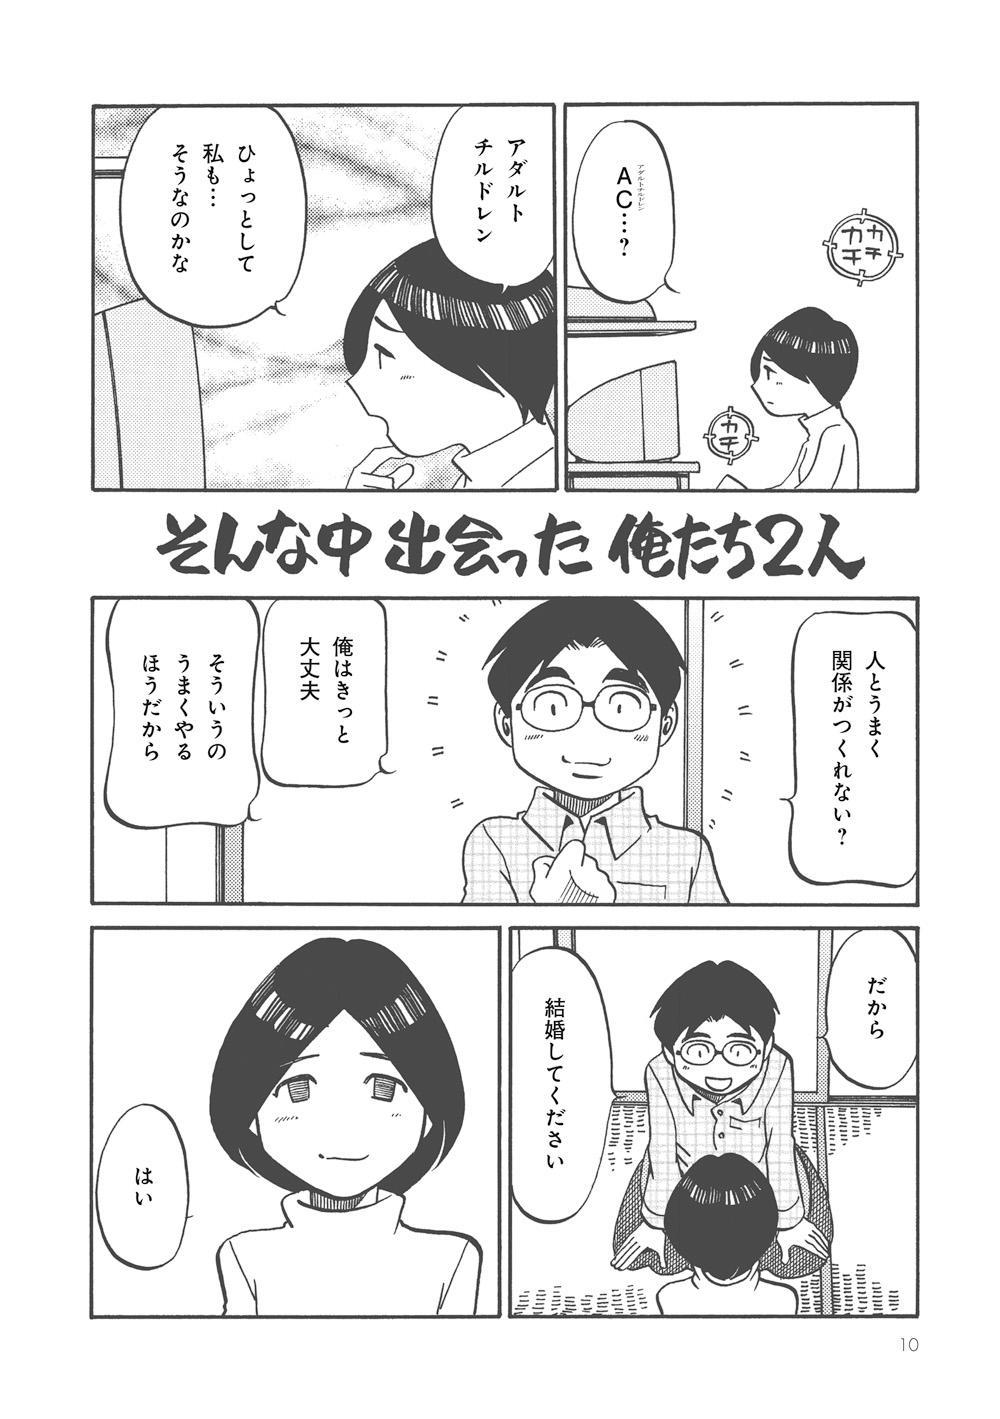 縁距離な夫婦_010.jpg